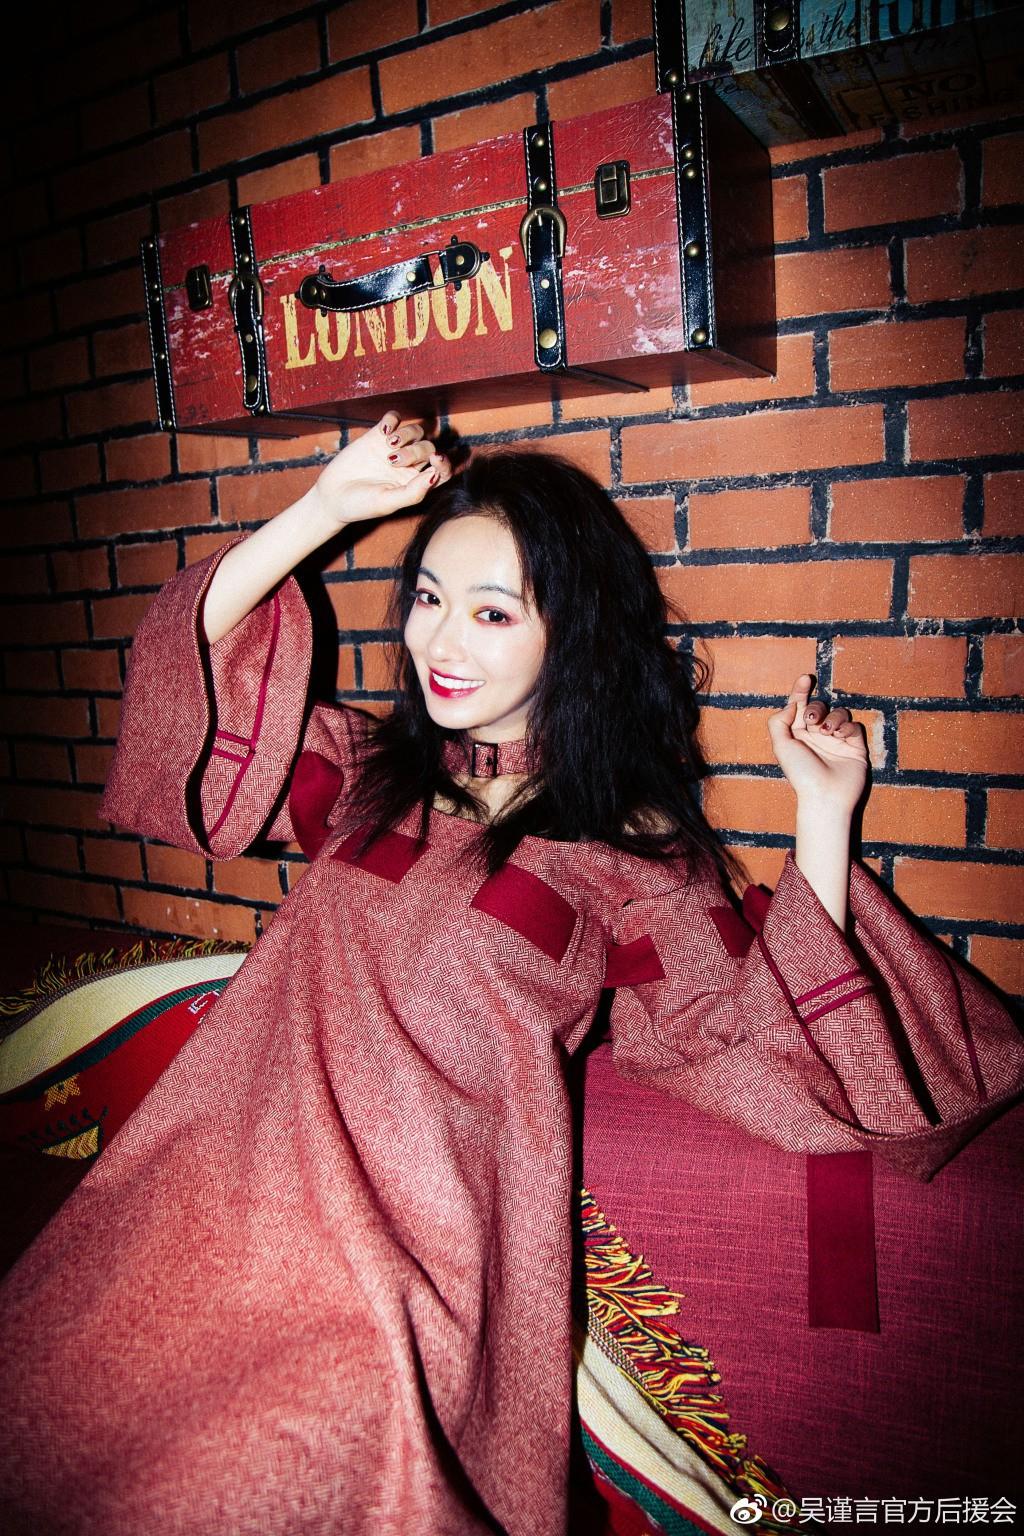 Cận cảnh nhan sắc đẹp - độc - lạ của Ngụy Anh Lạc Ngô Cẩn Ngôn trong drama hot 100 độ Diên Hi Công Lược - Ảnh 14.